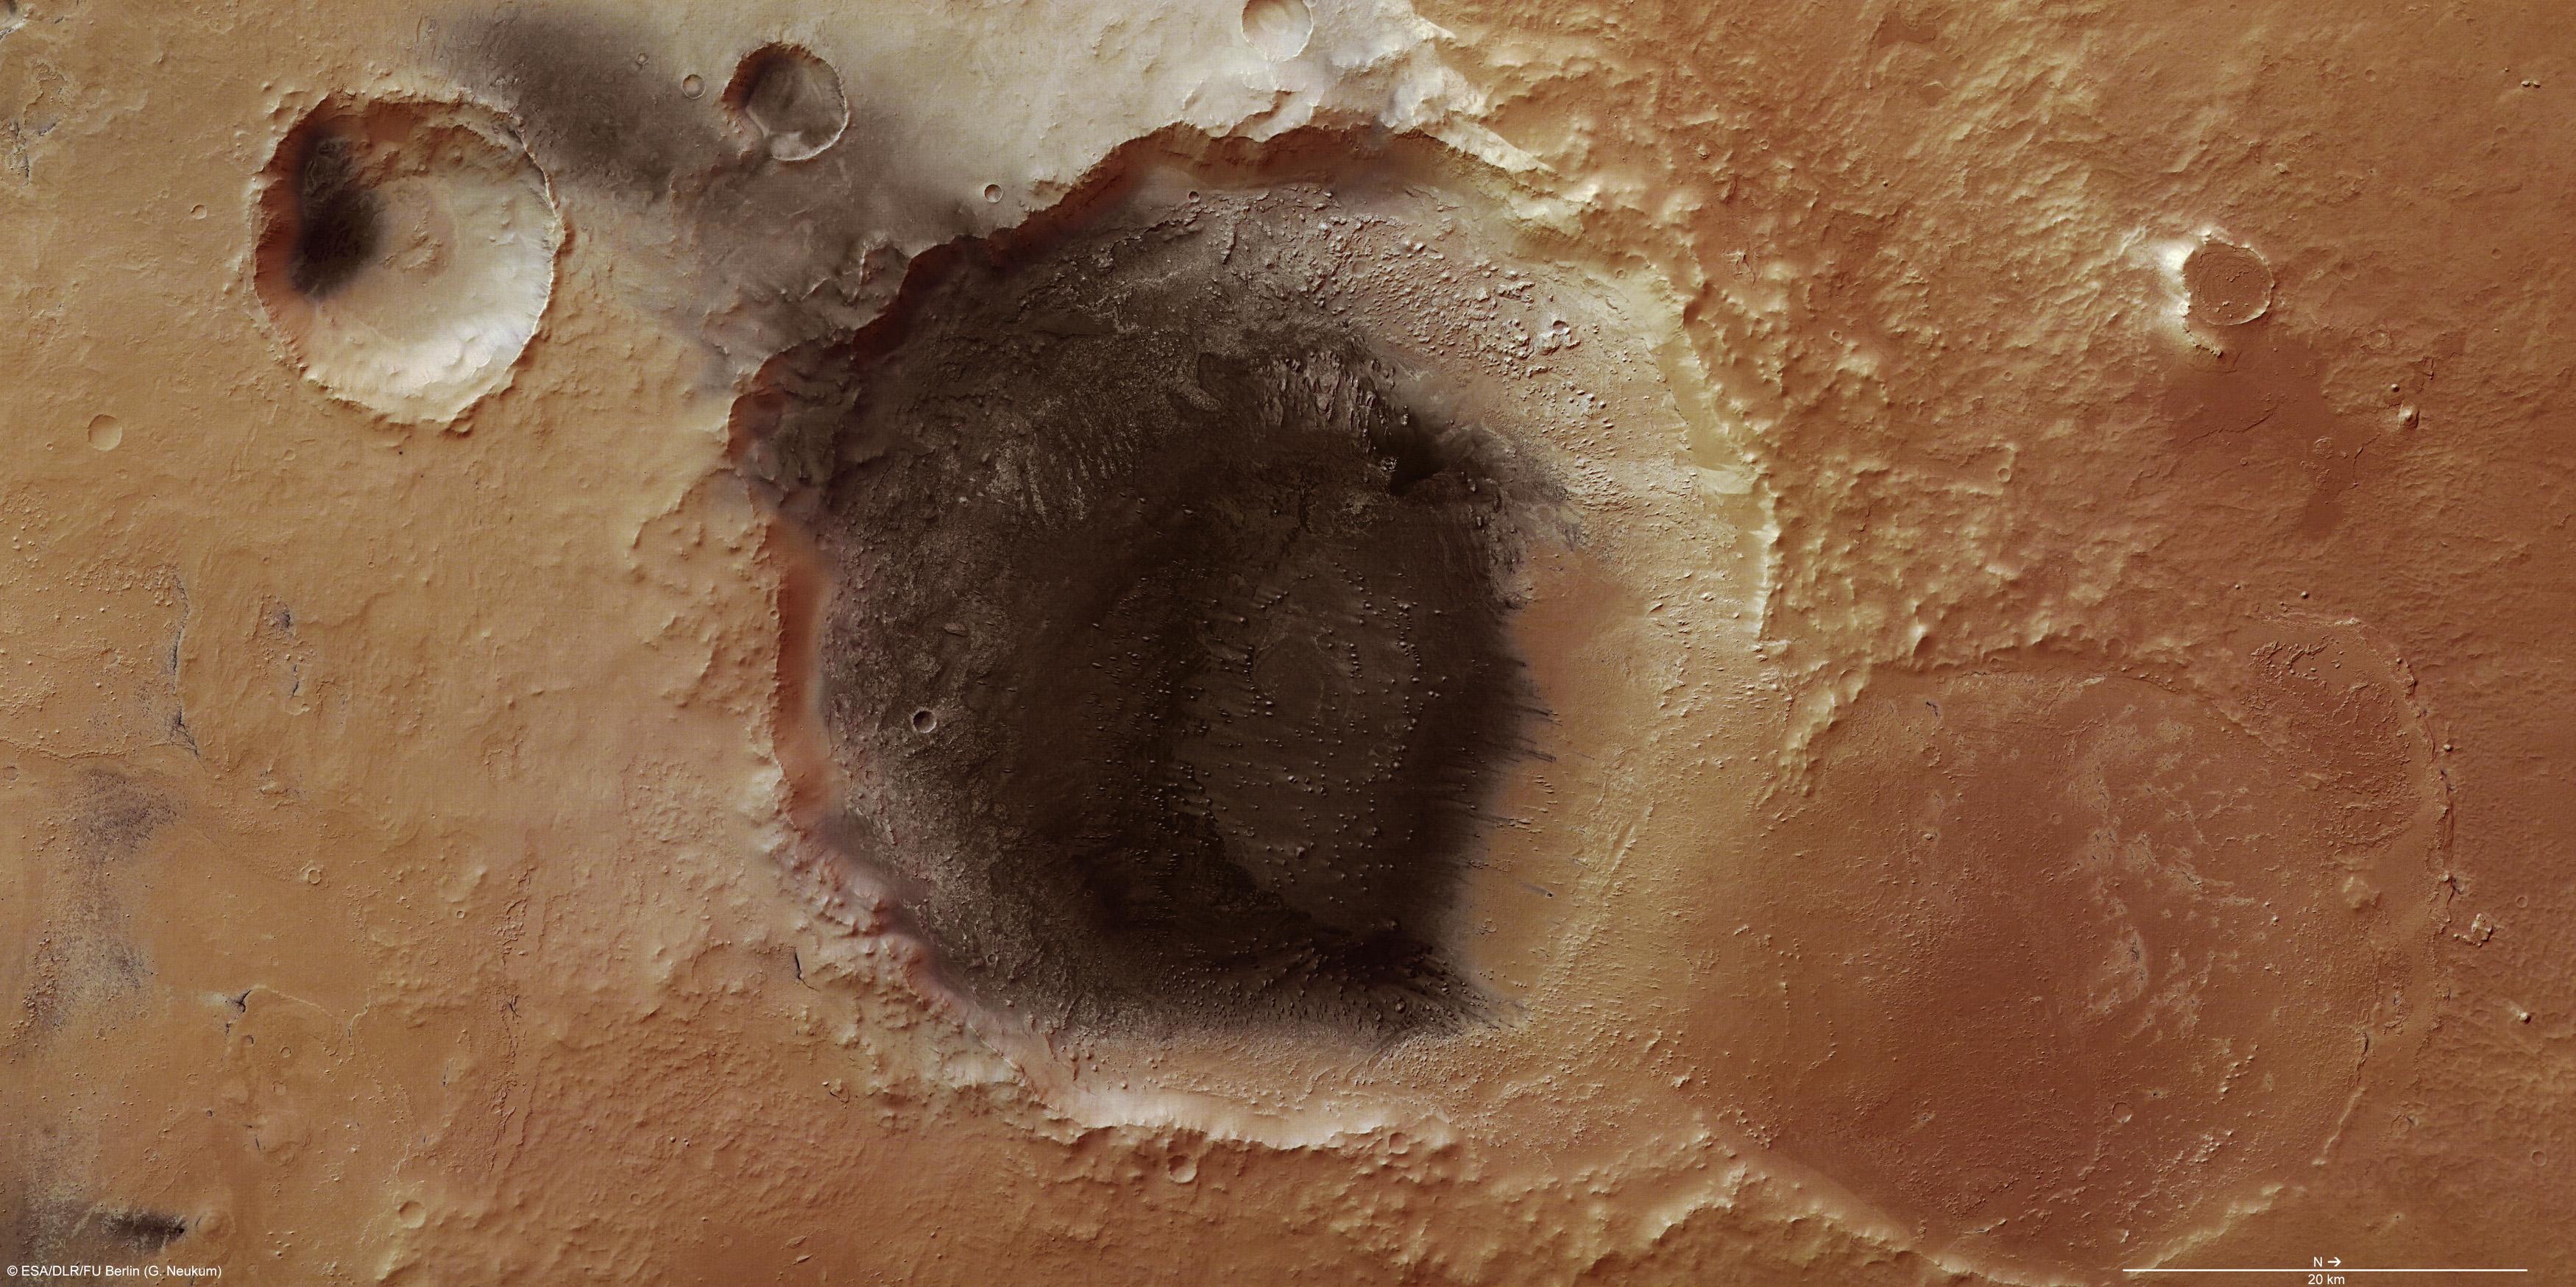 cendres_volcaniques_mars.jpg